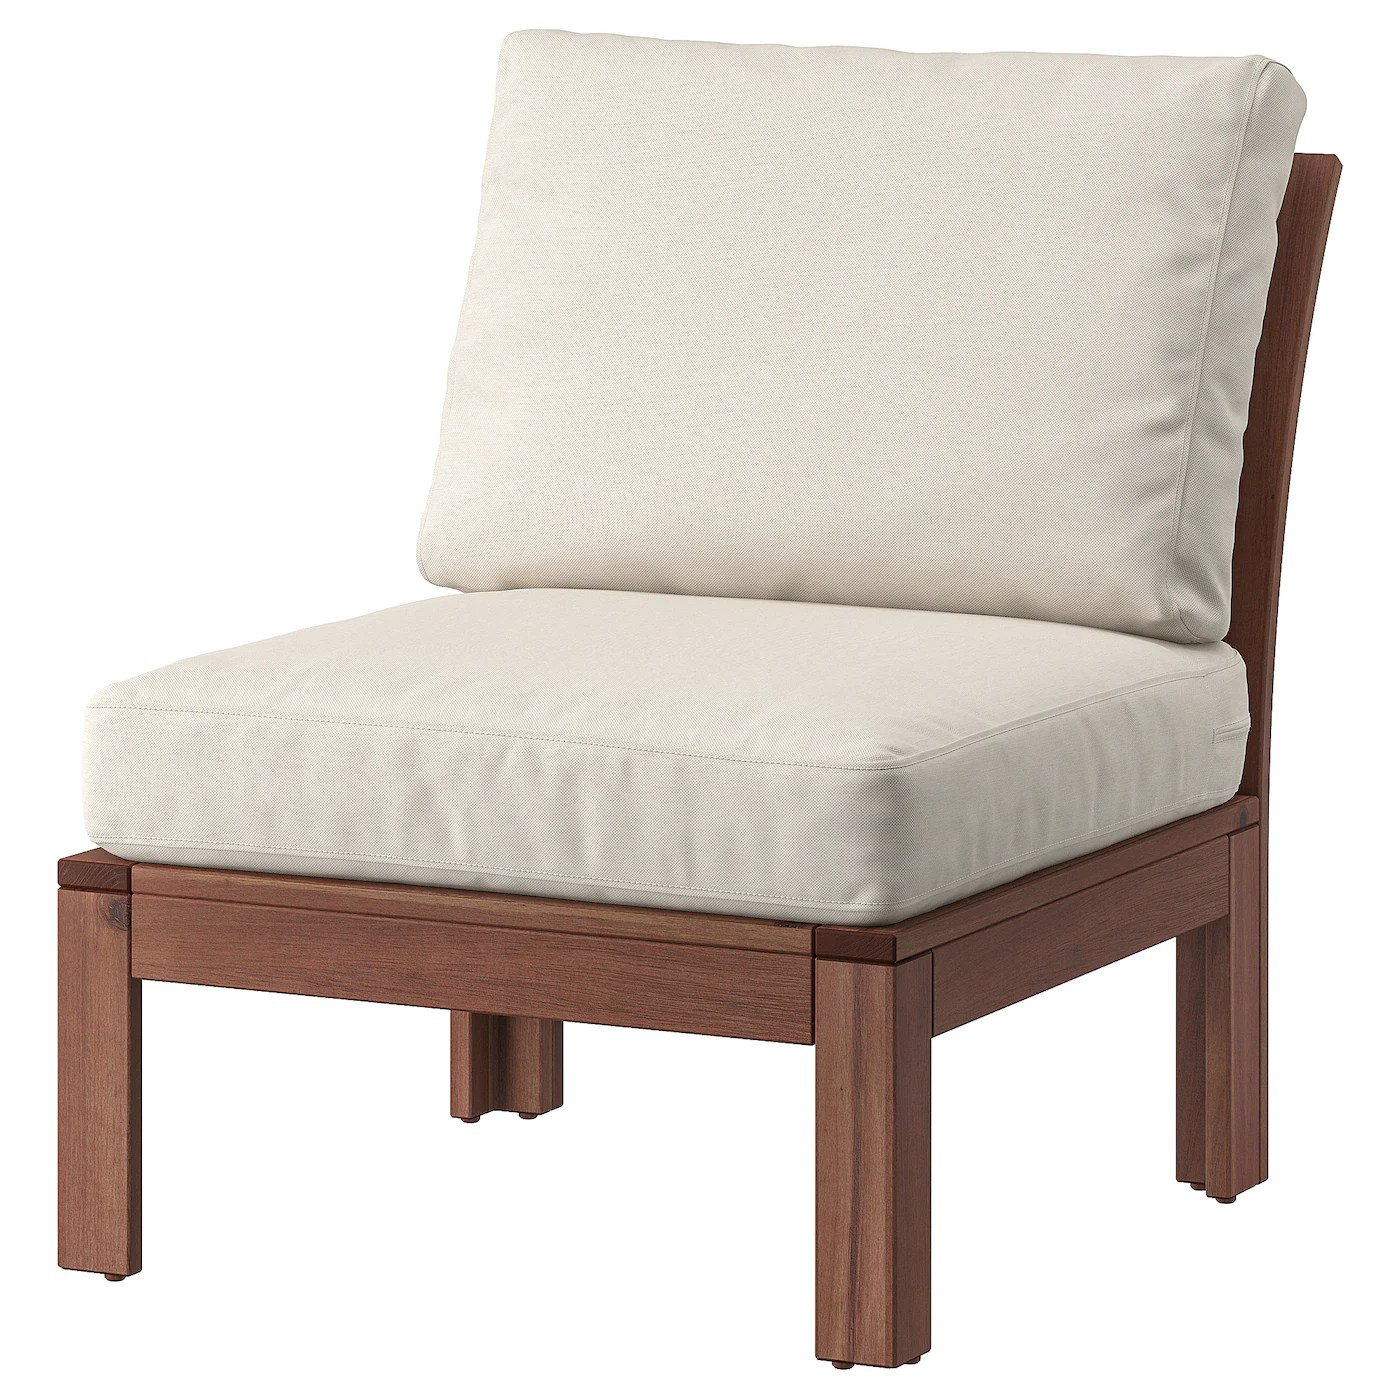 pplar chair outdoor - brown